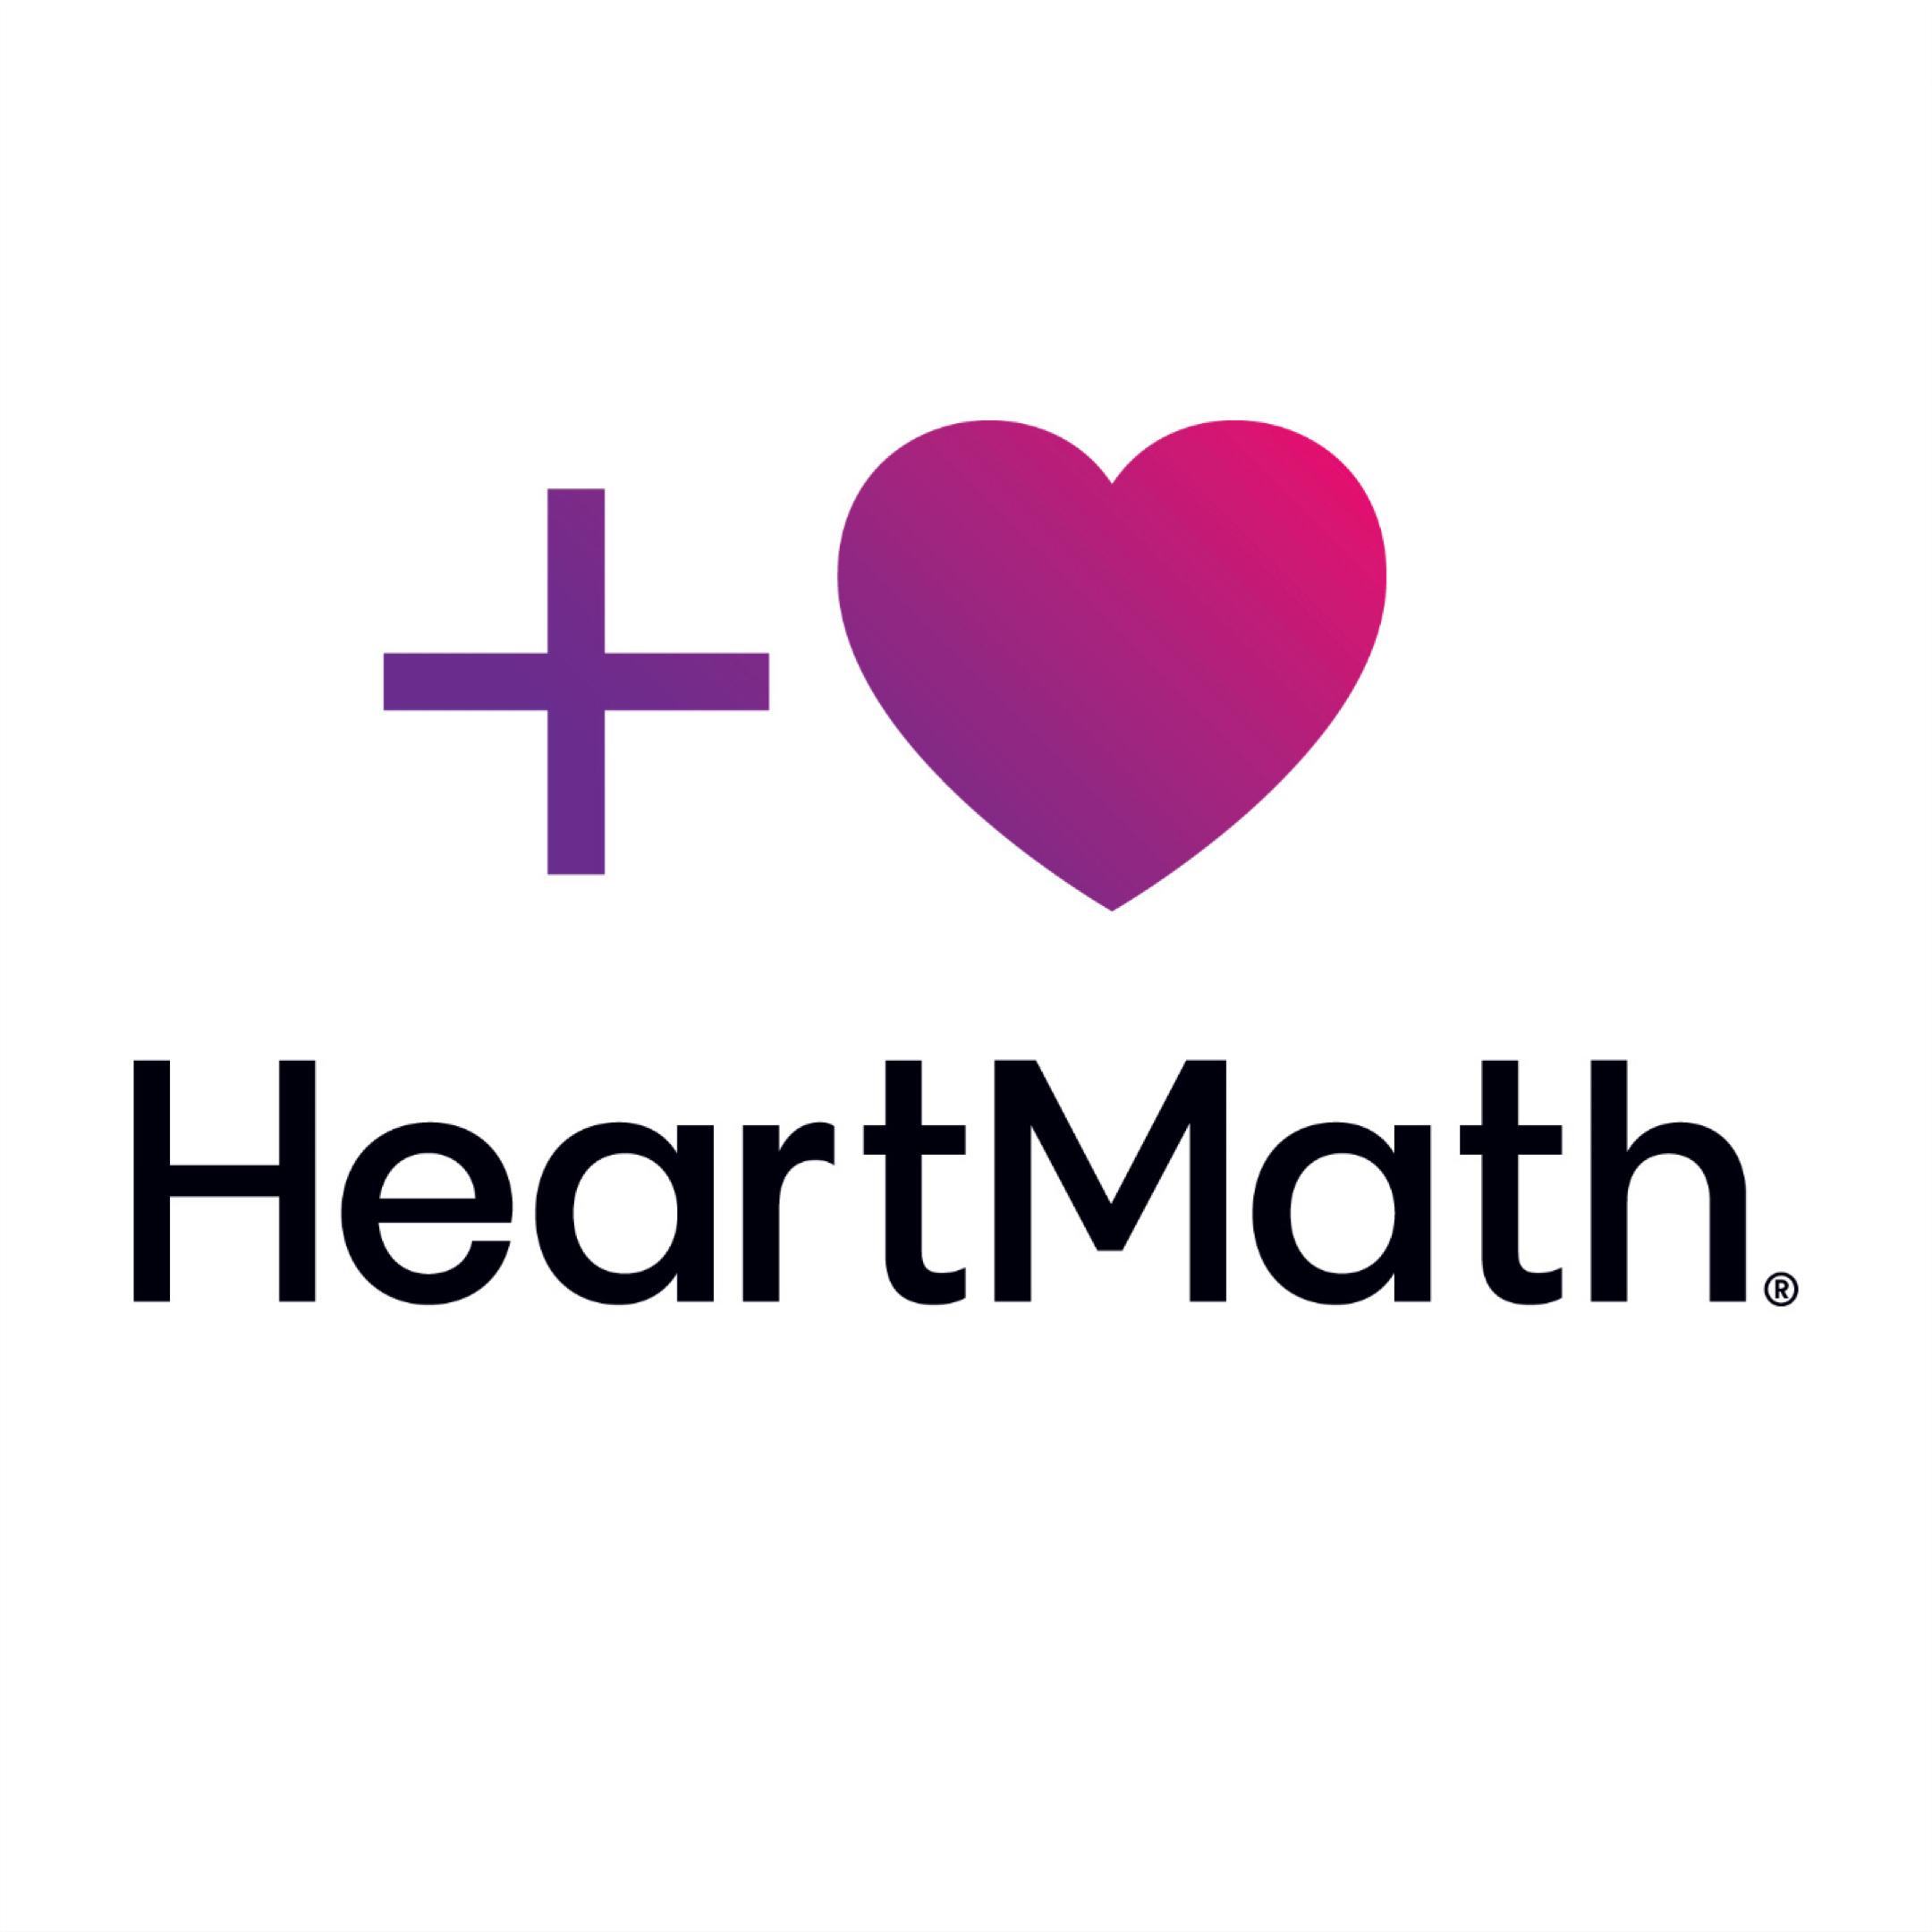 HeartMath Inc